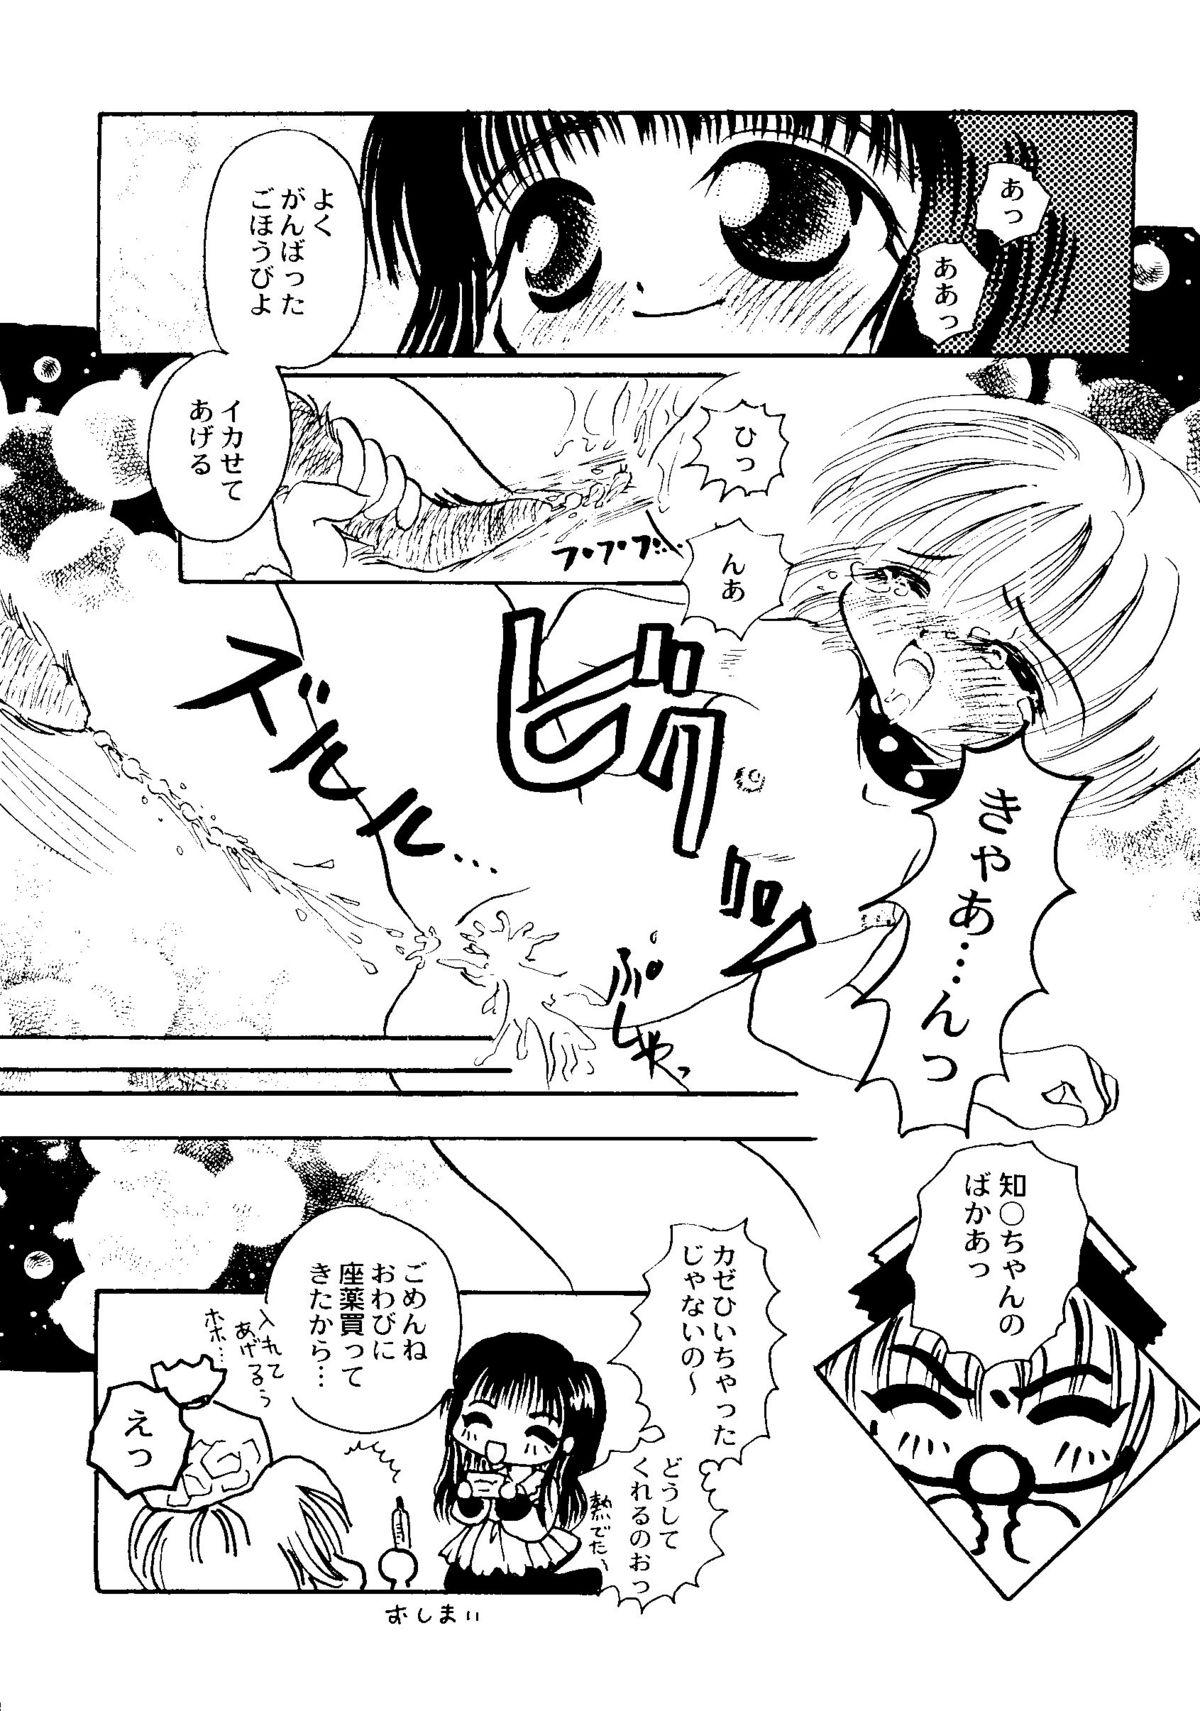 Bishoujo Doujinshi Anthology Cute 2 139